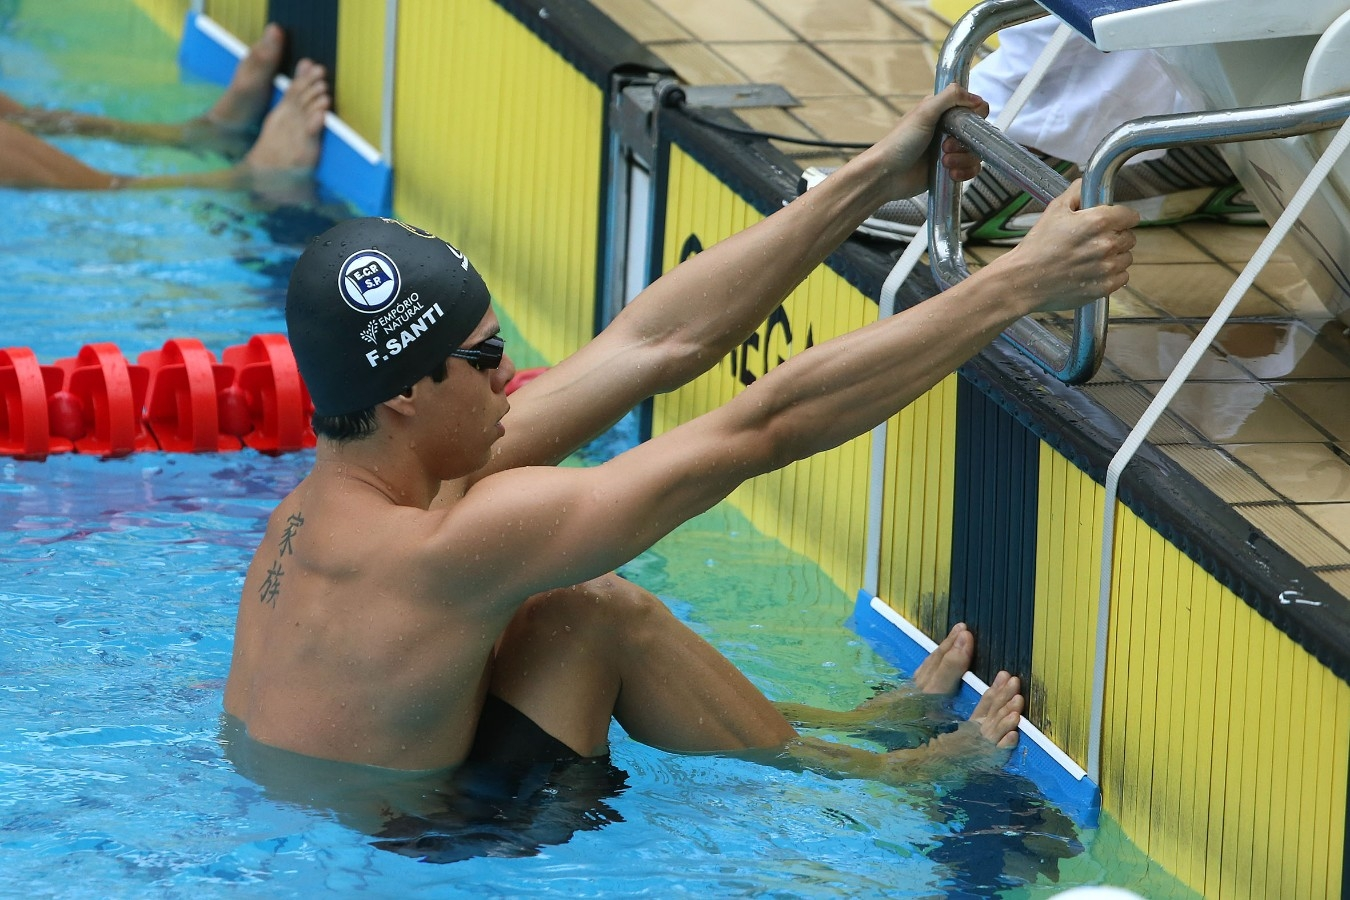 Fabio Santi. Trofeu Maria Lenk. Parque Aquatico Maria Lenk. 05 de Maio de 2017, Rio de Janeiro, RJ, Brasil. Foto: Satiro Sodré/SSPress/CBDA